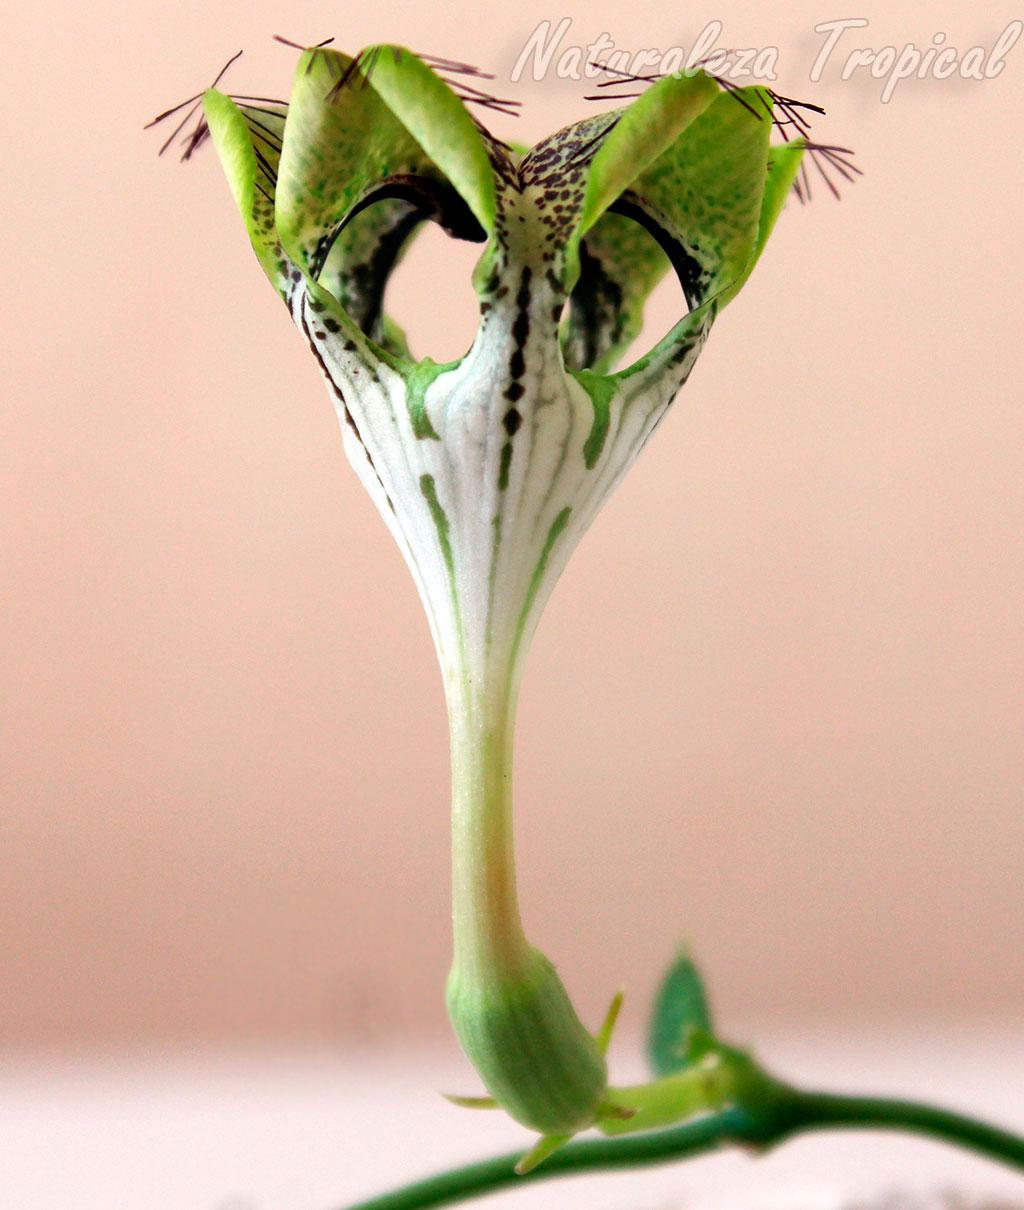 Flor típica de la Flor Sombrilla o Planta Paracaídas, planta suculenta Ceropegia sandersonii